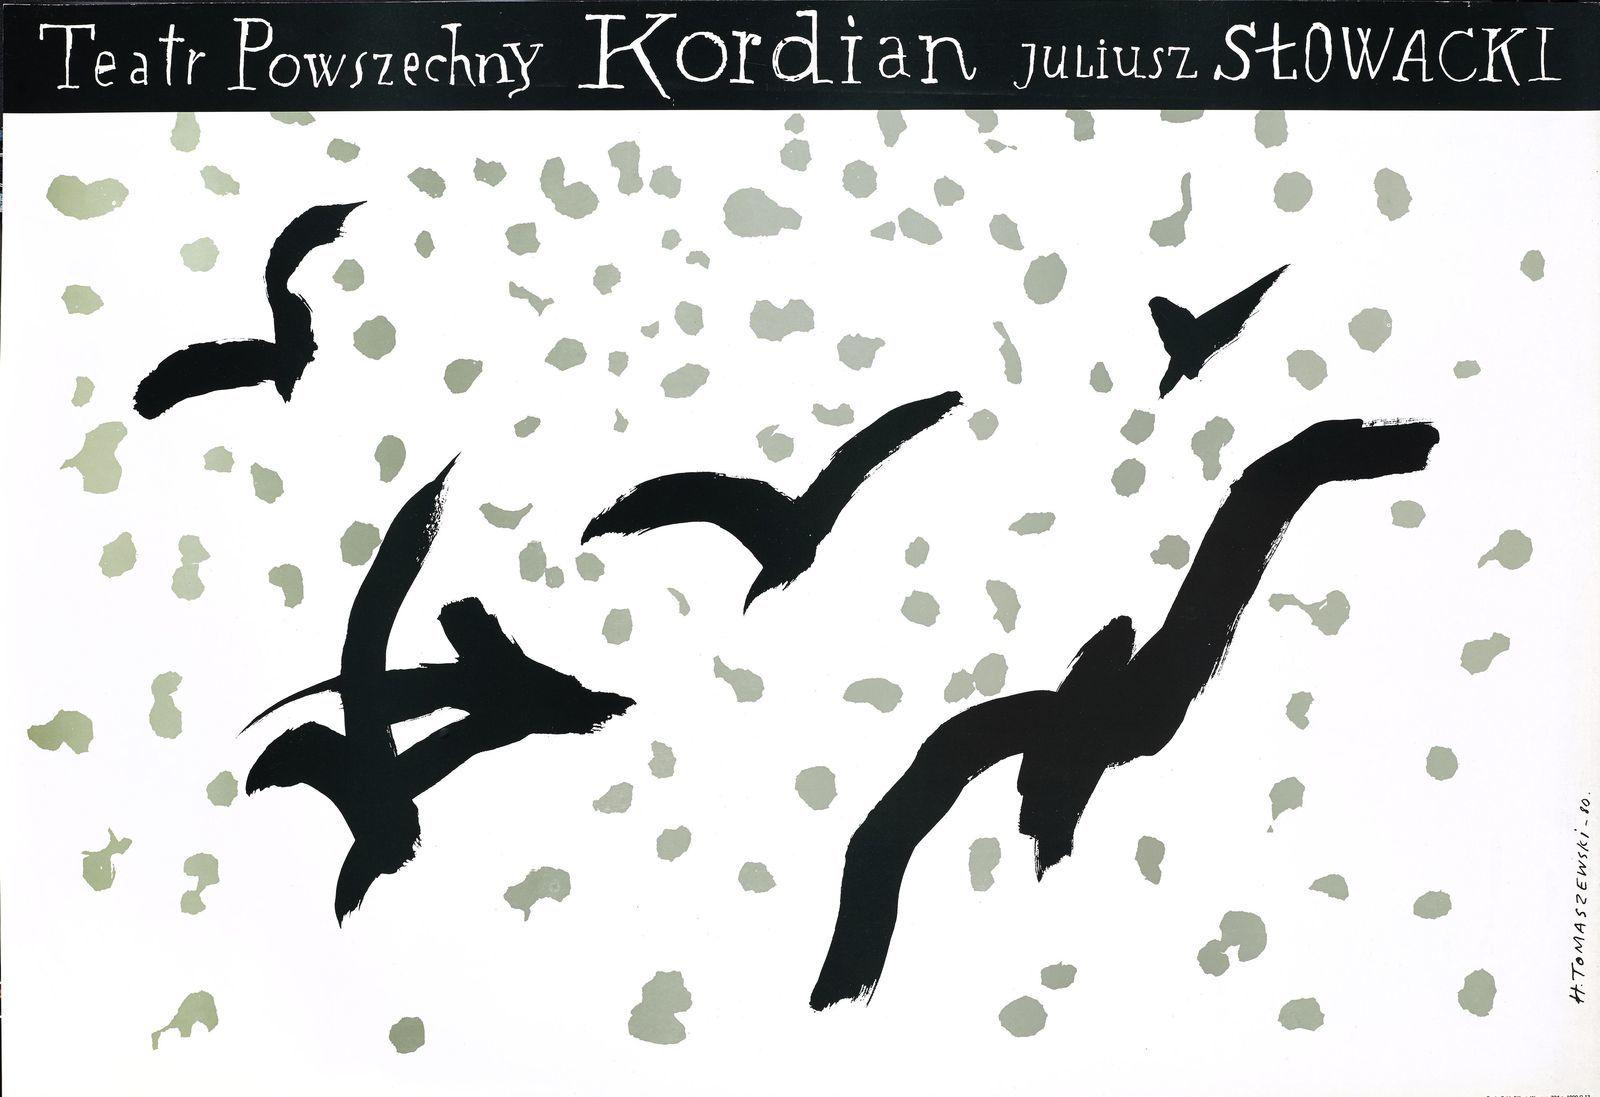 """Henryk Tomaszewski, """"Kordian"""", plakat teatralny 1980, dzięki uprzejmości Filipa Pągowskiego"""